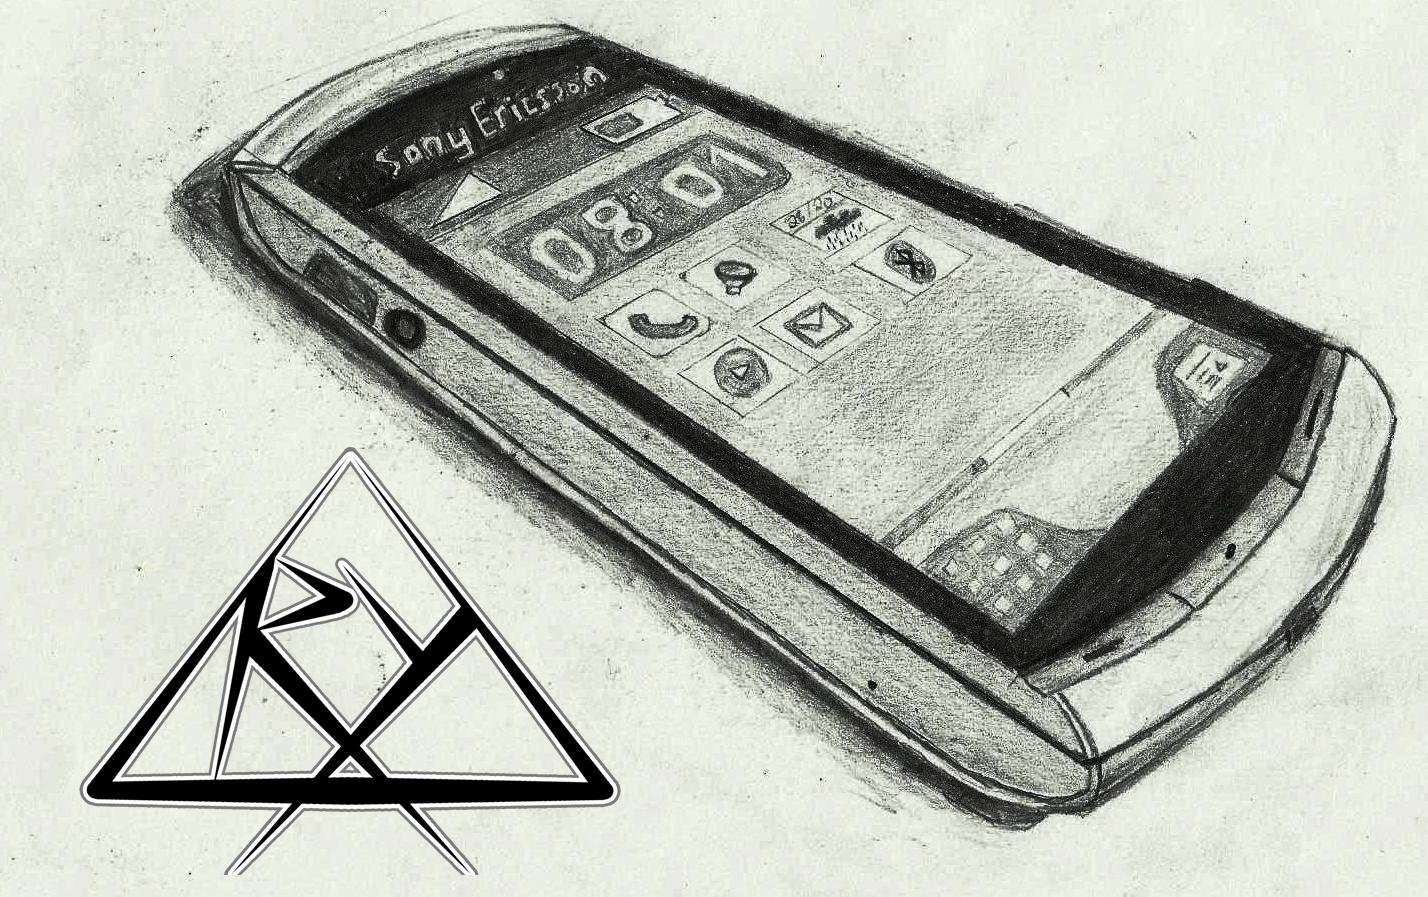 естественной картинки на телефон рисовать карандашом заказчик